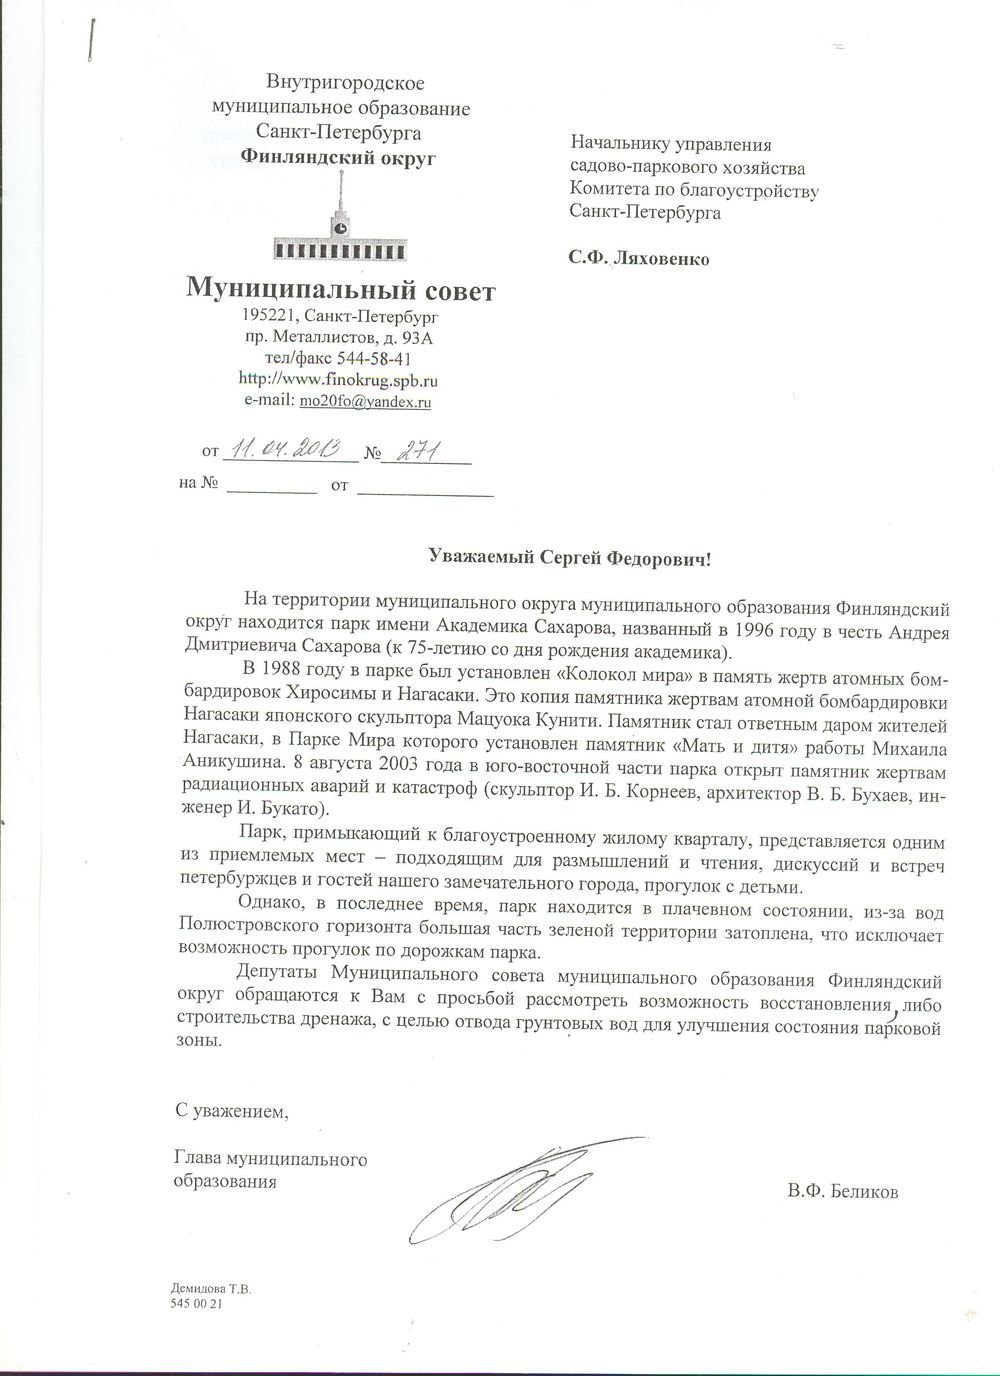 Финляндский округ Санкт Петербург Запрос в Управление садово  Запрос в Управление садово паркового хозяйства Комитета по благоустройству